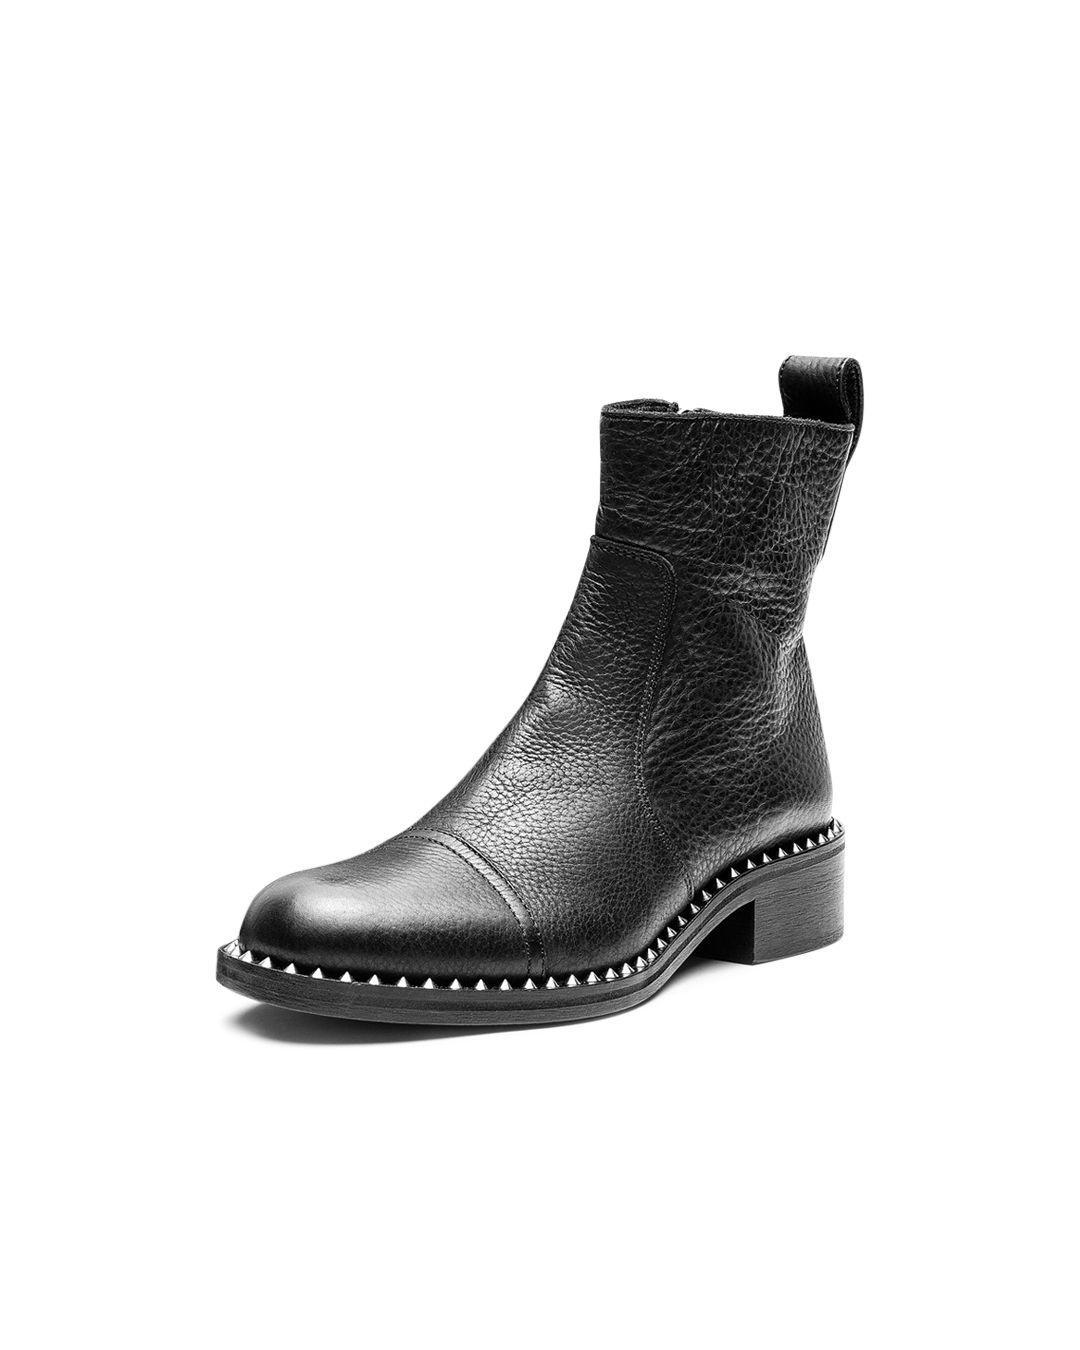 Zadig & Voltaire Women's Empress Clous Round Toe Leather Low - Heel Booties in Black